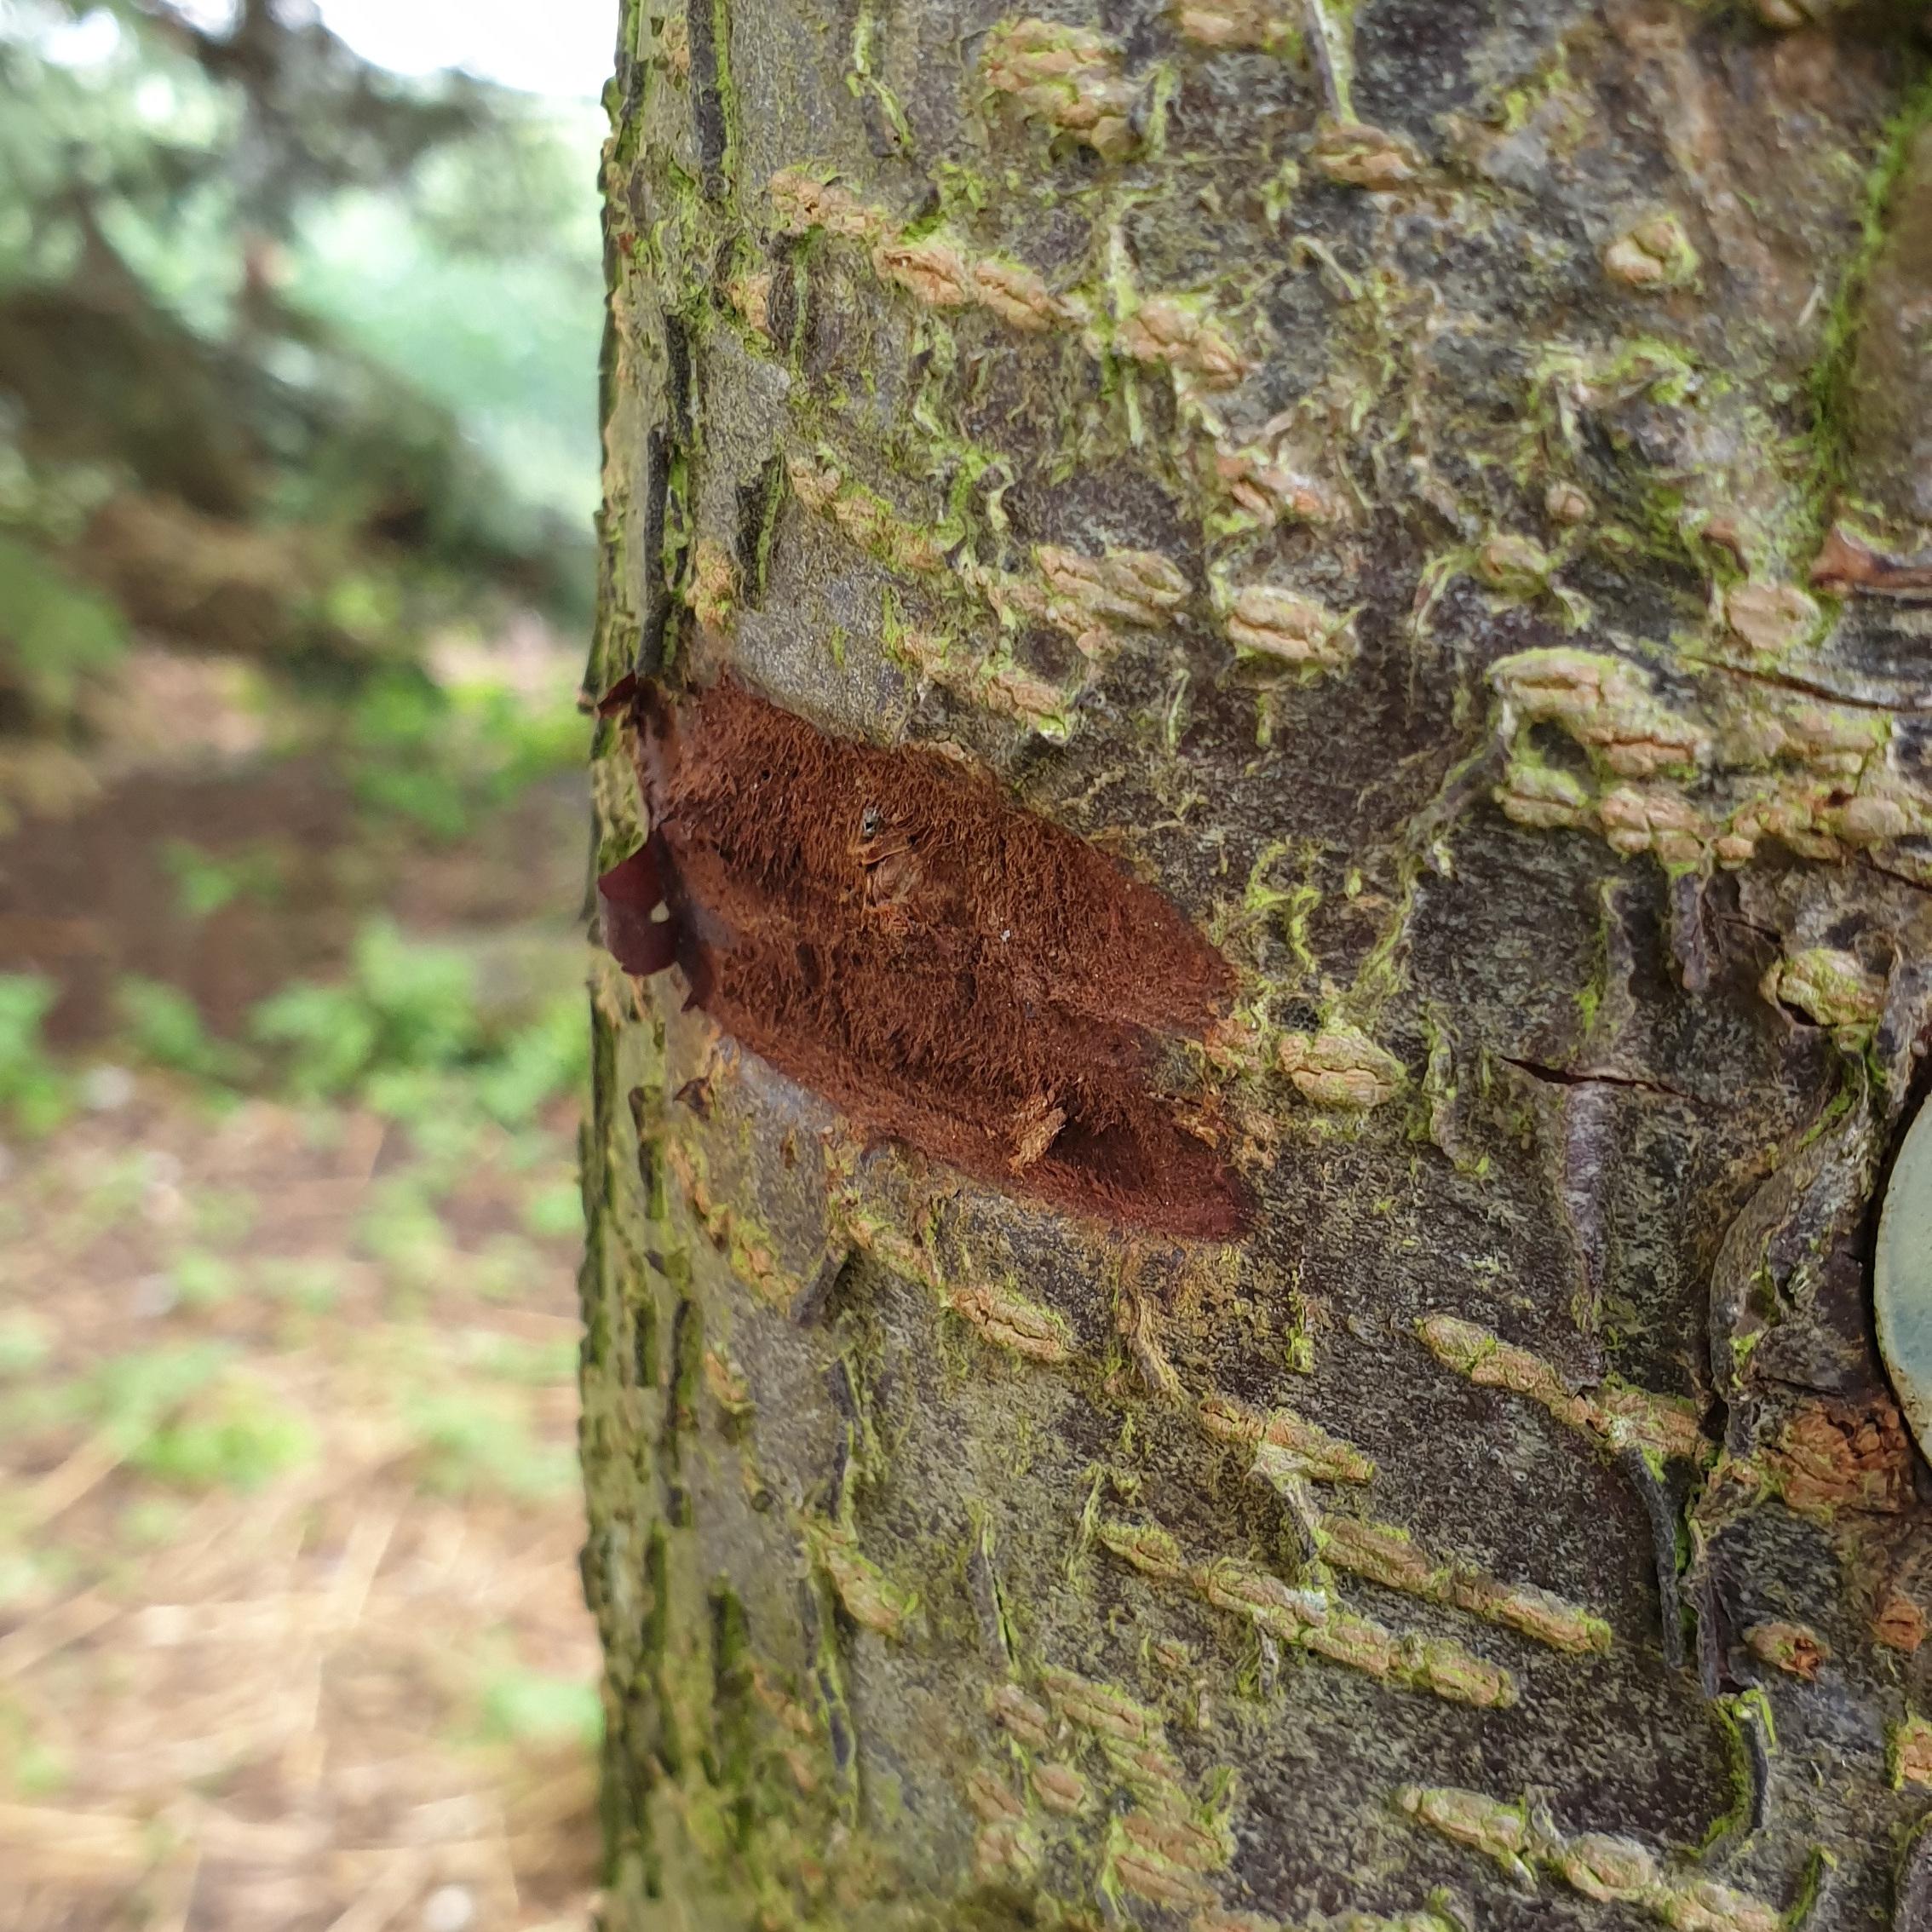 Er det her et kradsmærke fra ræven? Er han i så fald kravlet op ad stolpen?